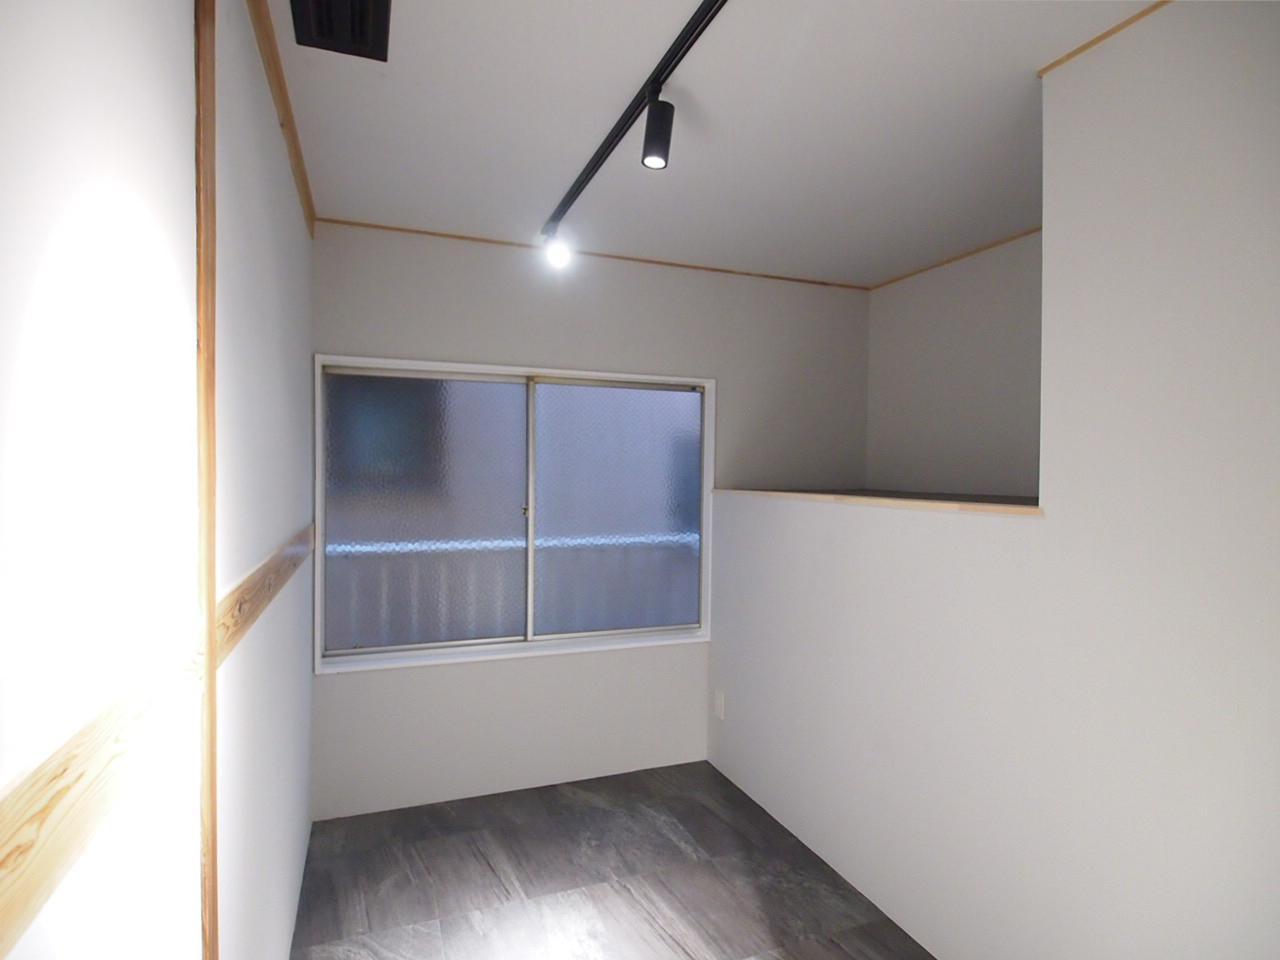 2A 天井あり区画(小)